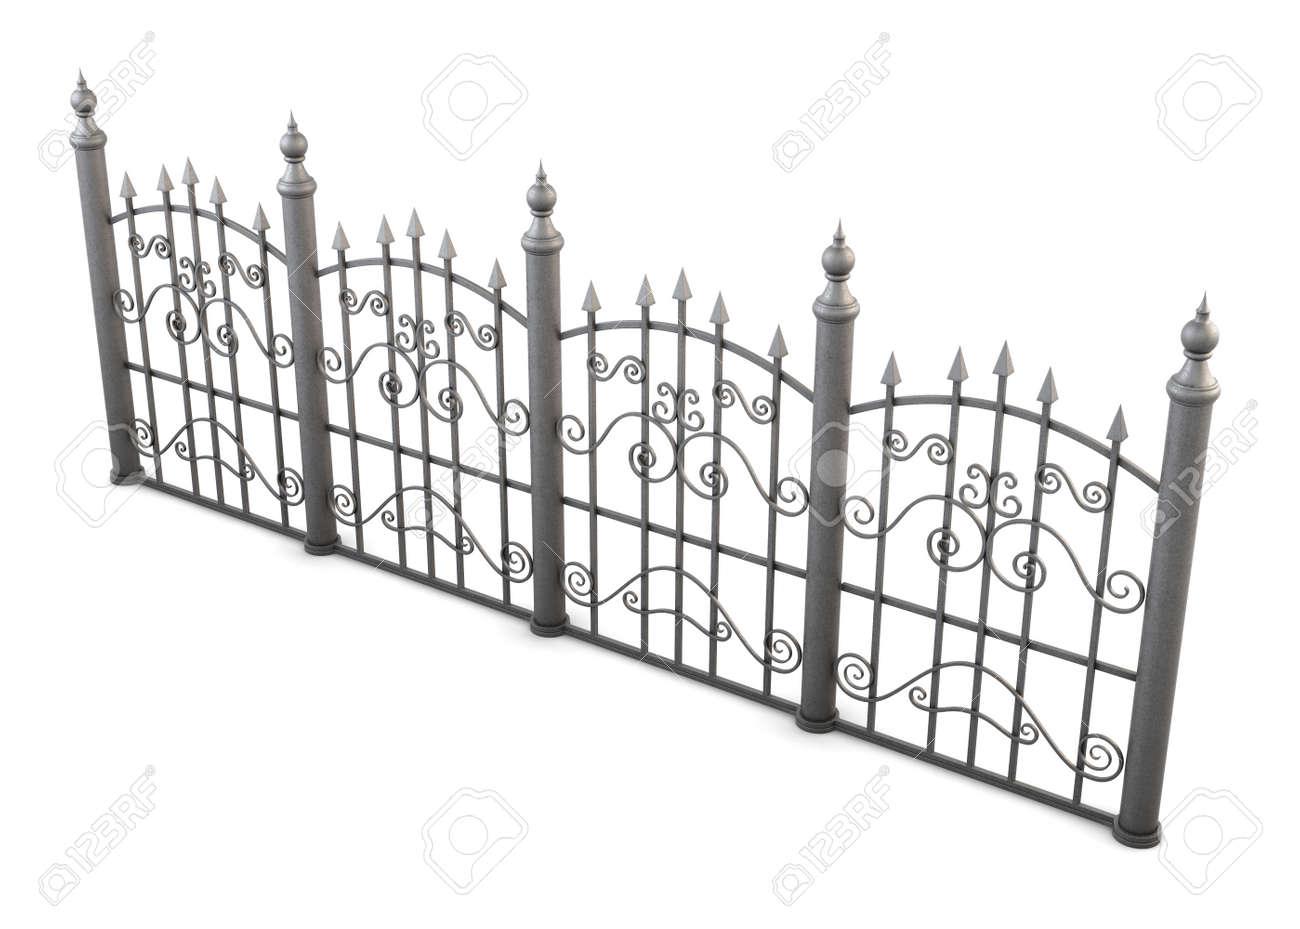 Dekorative Metall Zaun Blickwinkel Auf Einem Weissen Hintergrund 3d